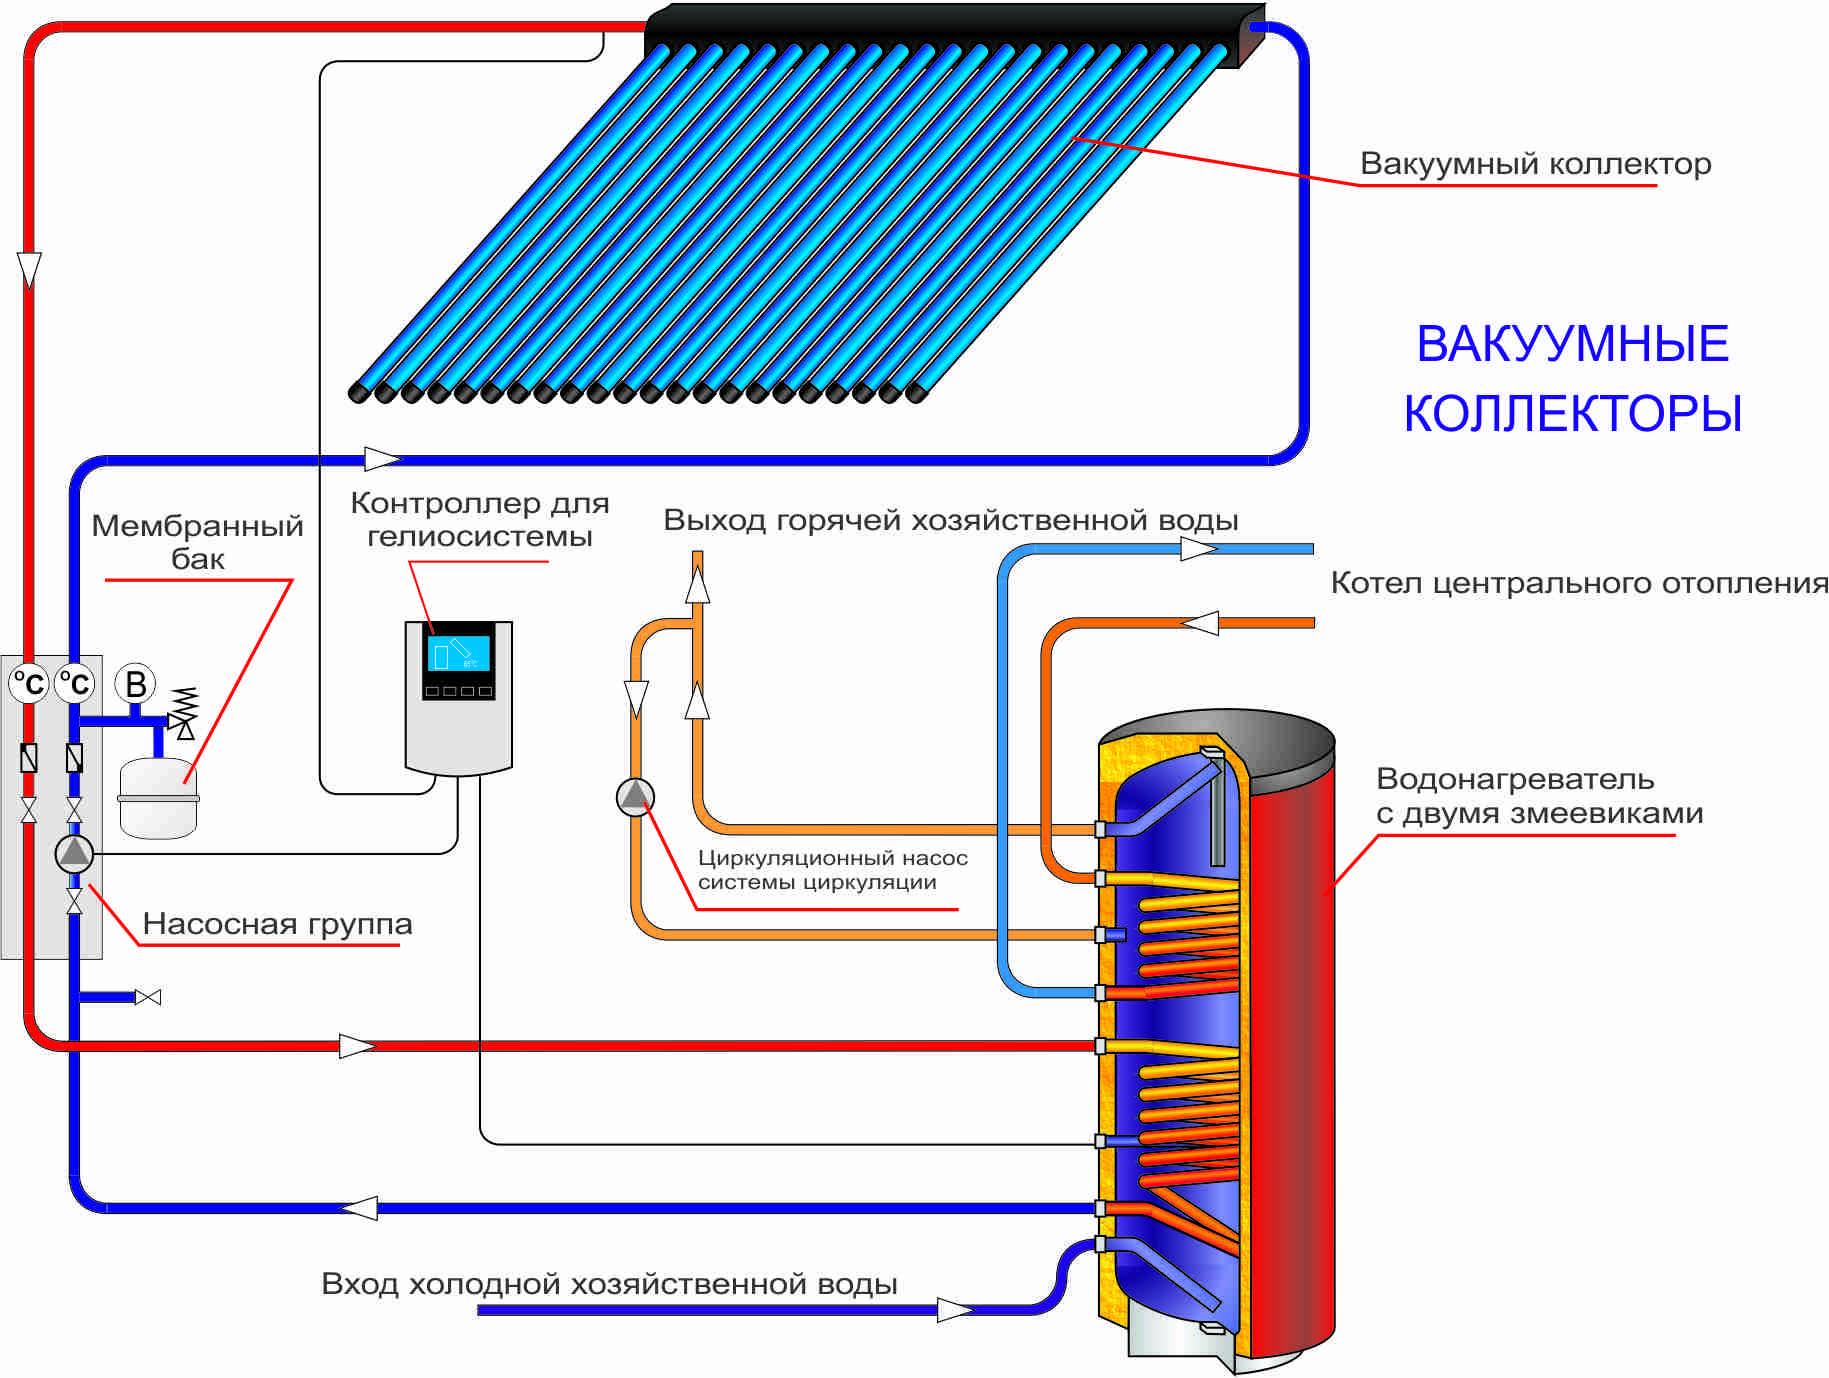 Вакуумные радиаторы отопления, принцип работы батареи, отзывы